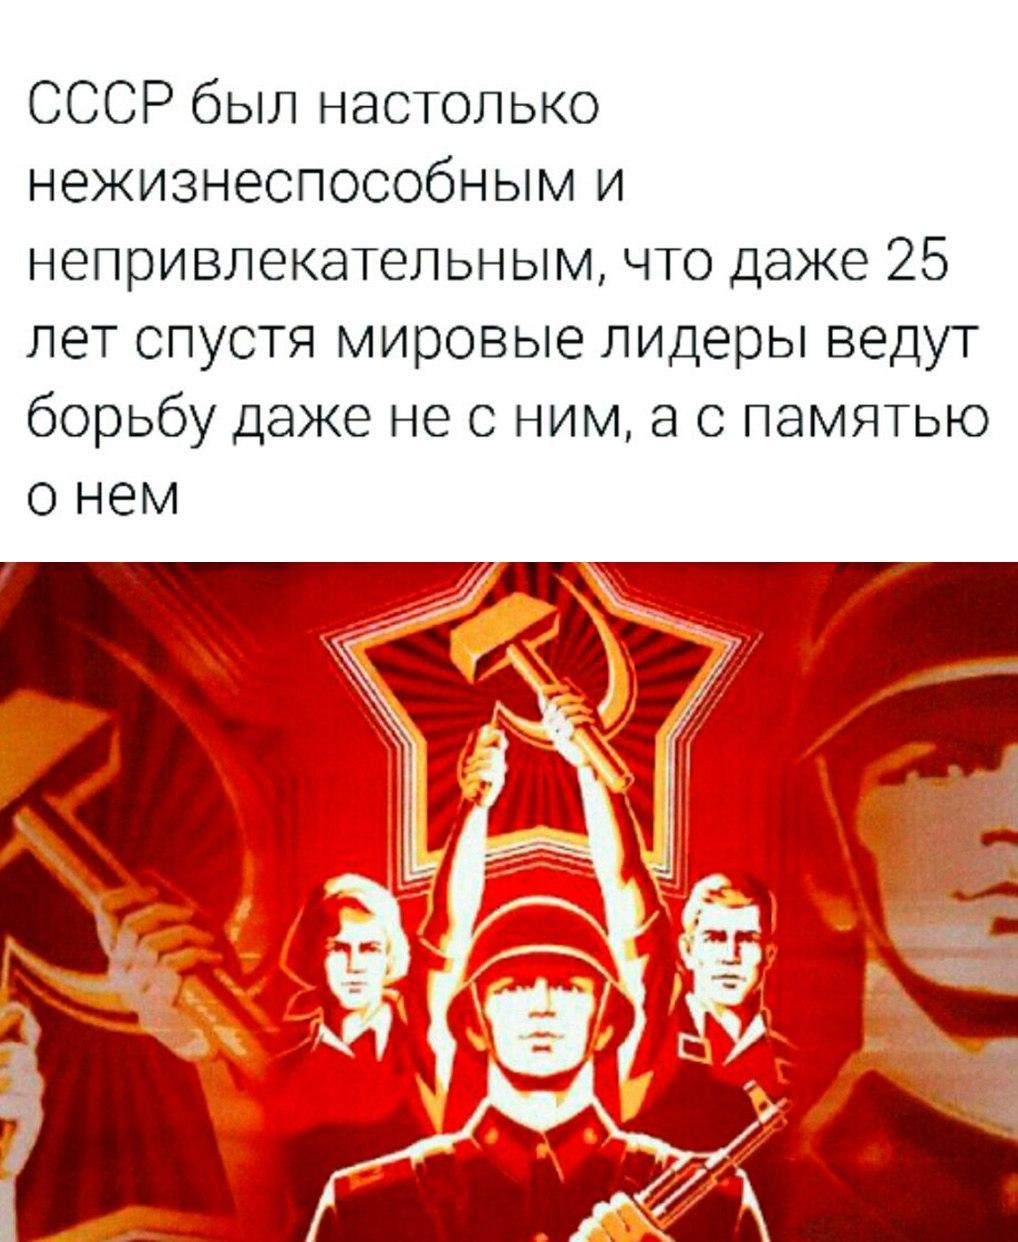 https://pp.userapi.com/c638822/v638822929/37748/qbS_4BC1urI.jpg